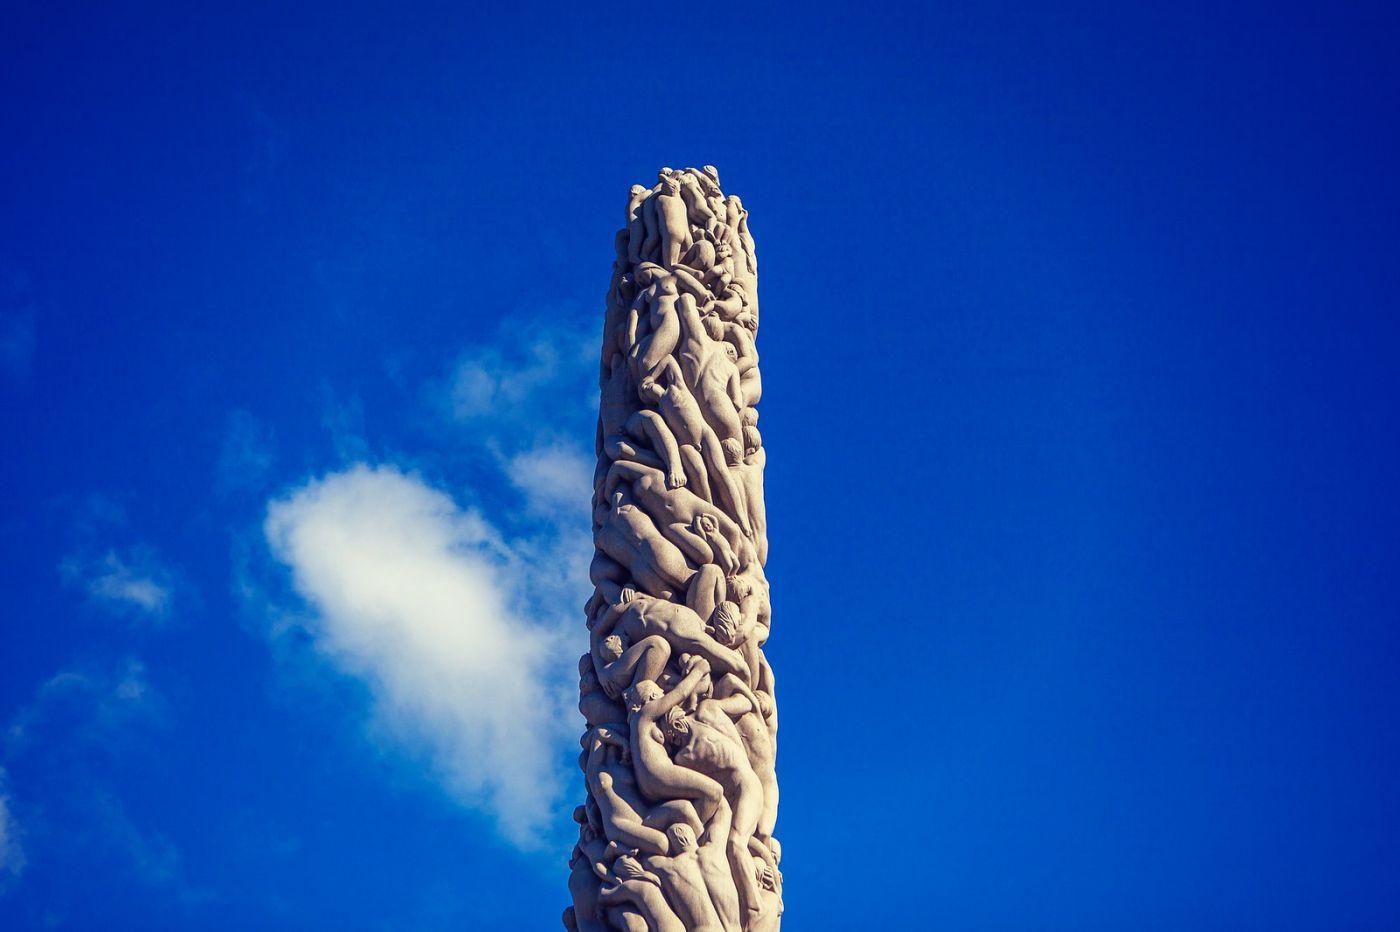 挪威维格兰雕塑公园,风格明显_图1-24